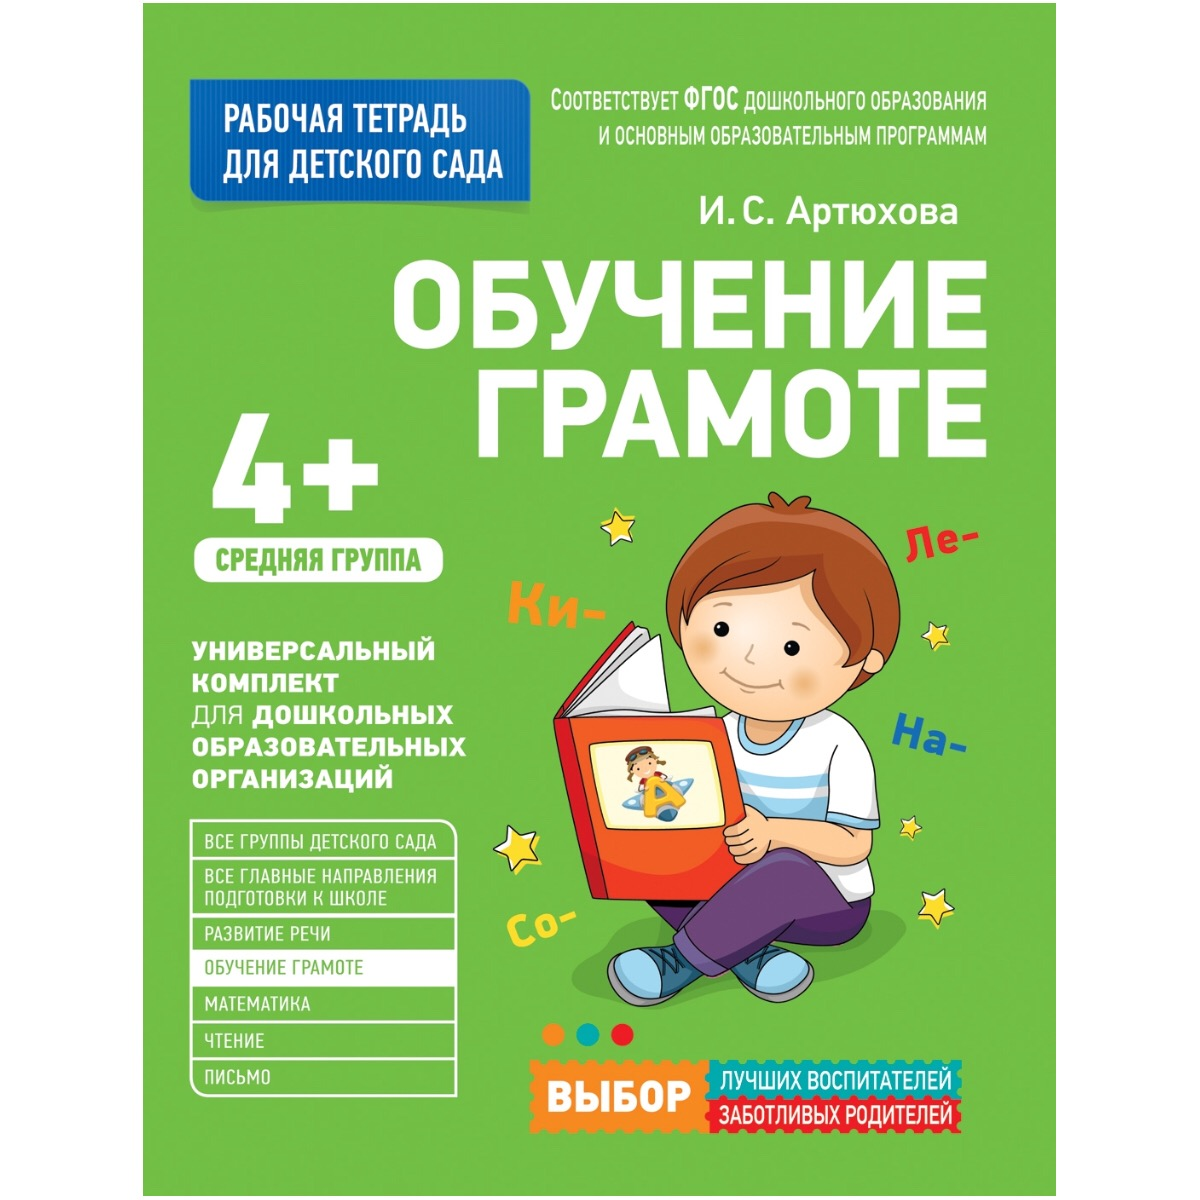 Рабочая тетрадь для детского сада. Обучение грамоте. Средняя группаОбучающие книги и задания<br>Рабочая тетрадь для детского сада. Обучение грамоте. Средняя группа<br>